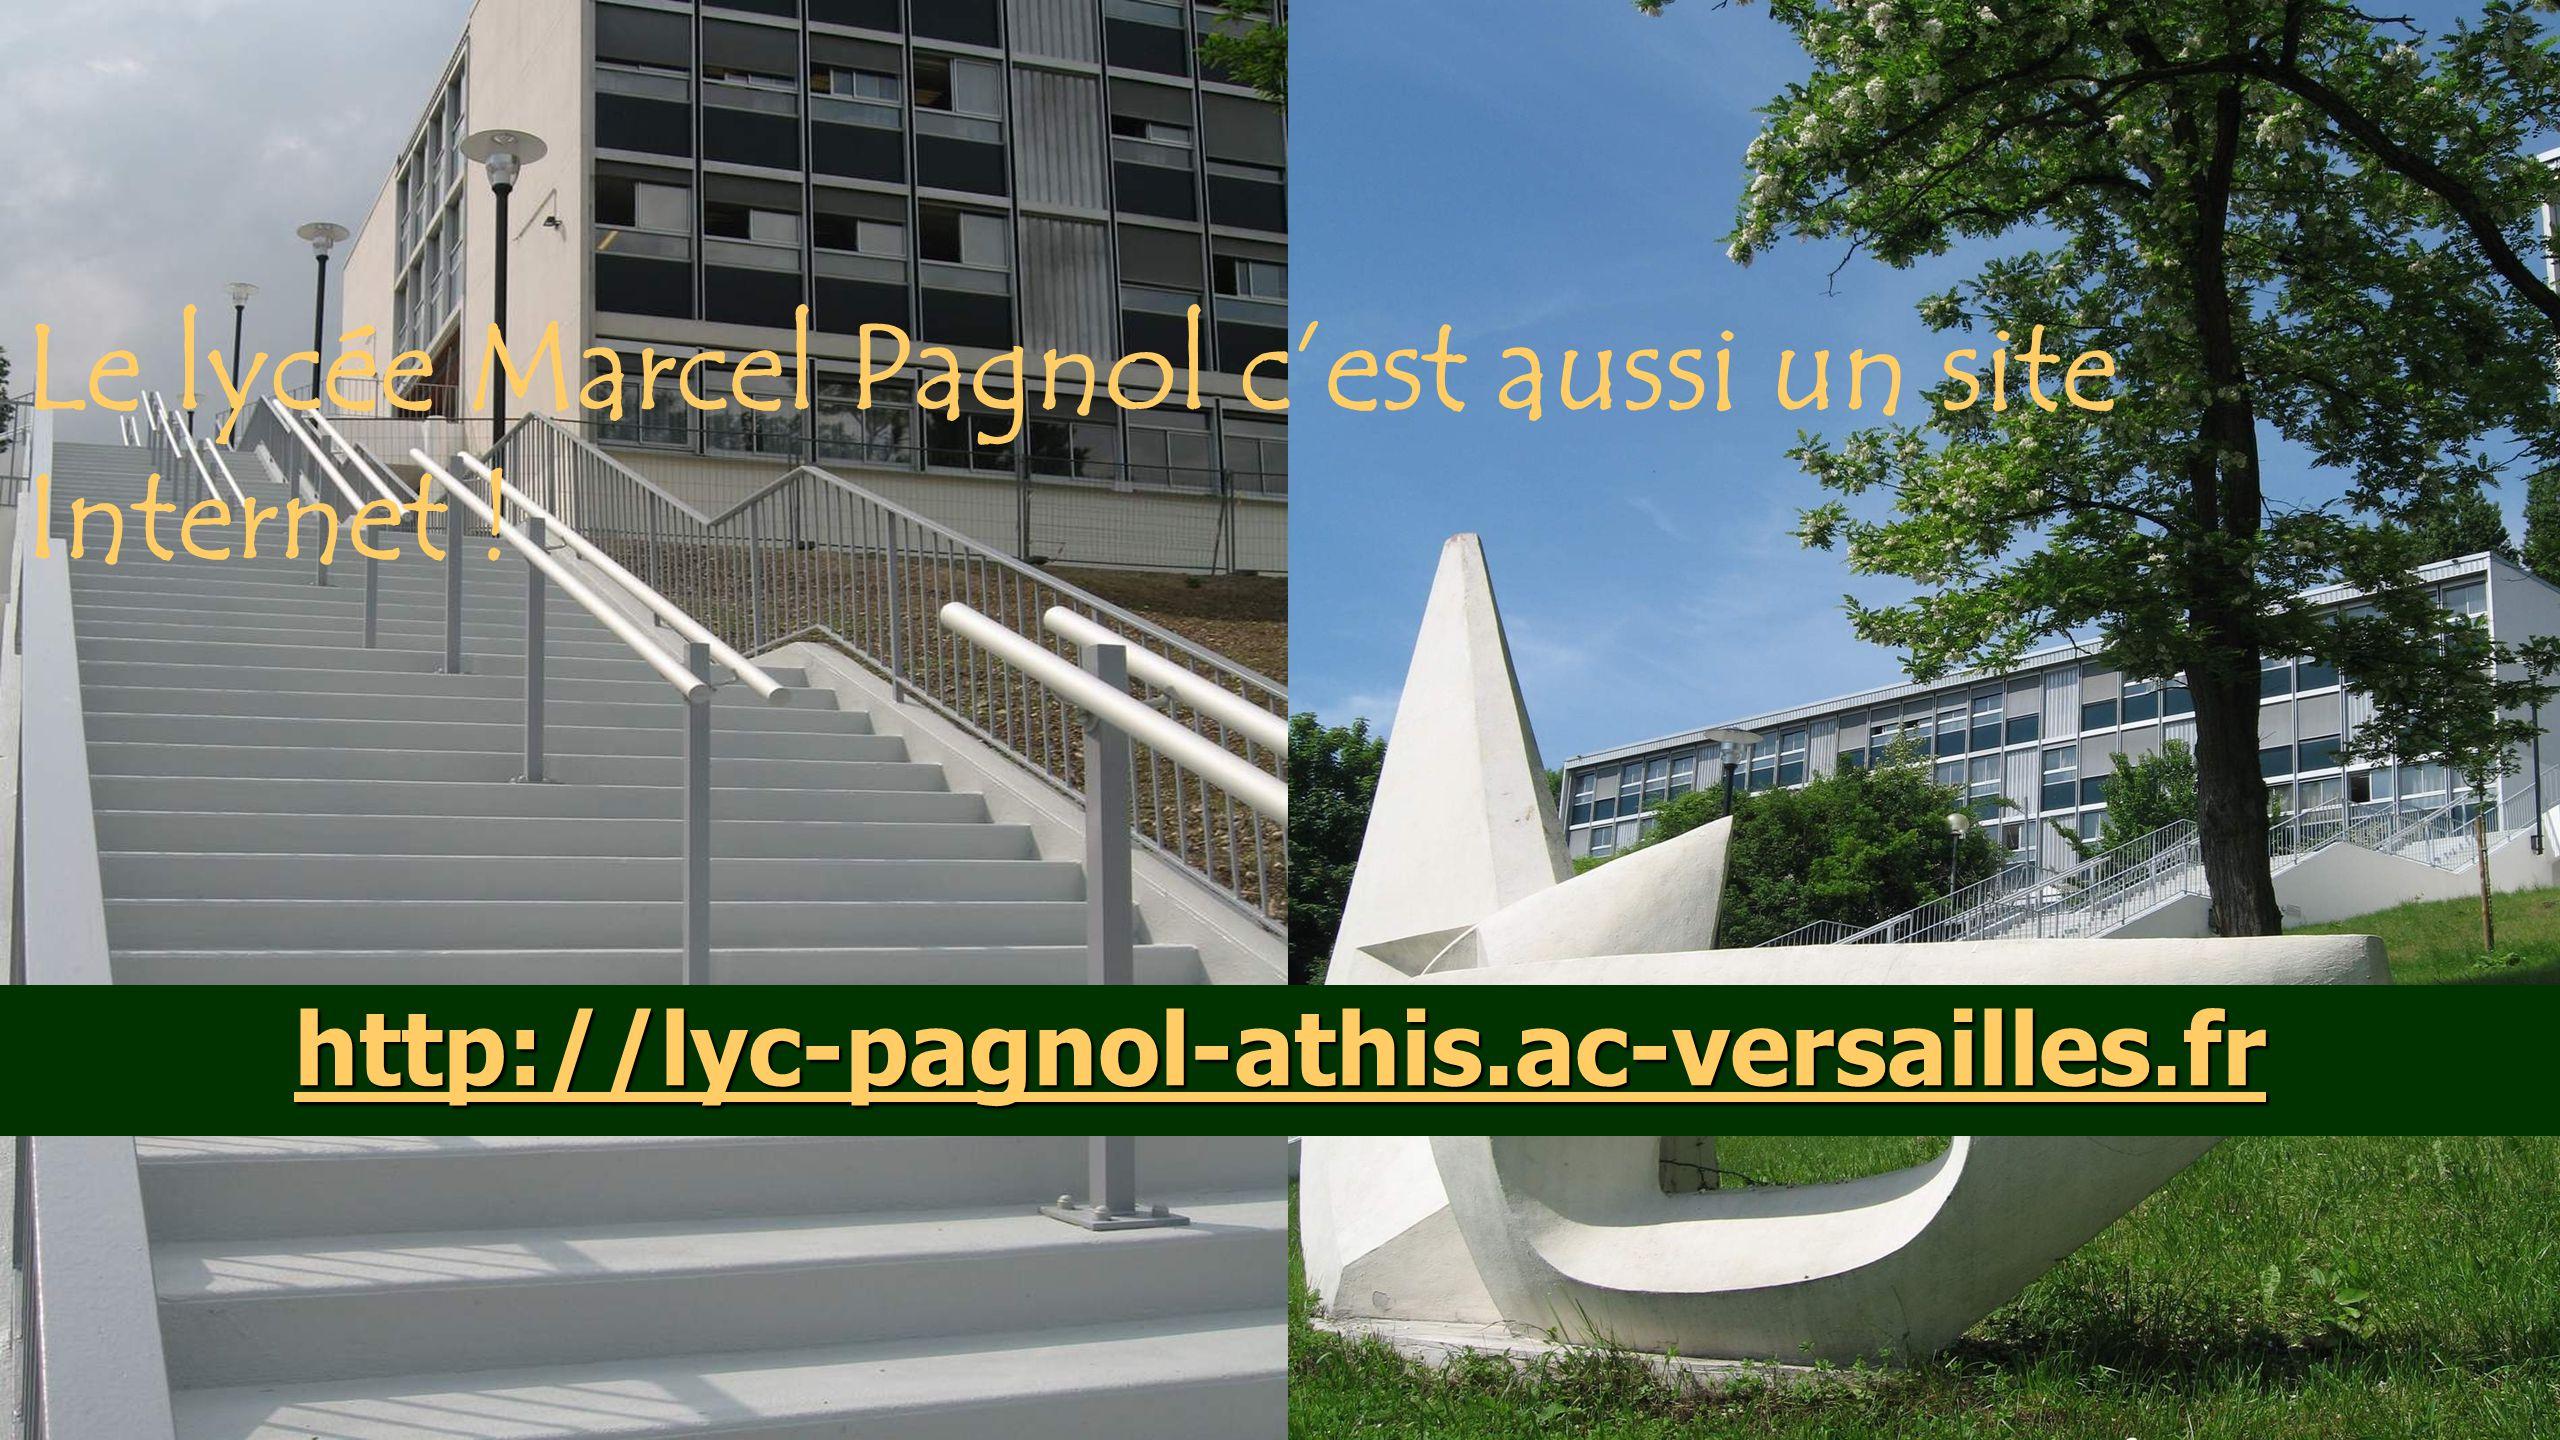 Le lycée Marcel Pagnol c'est aussi un site Internet !